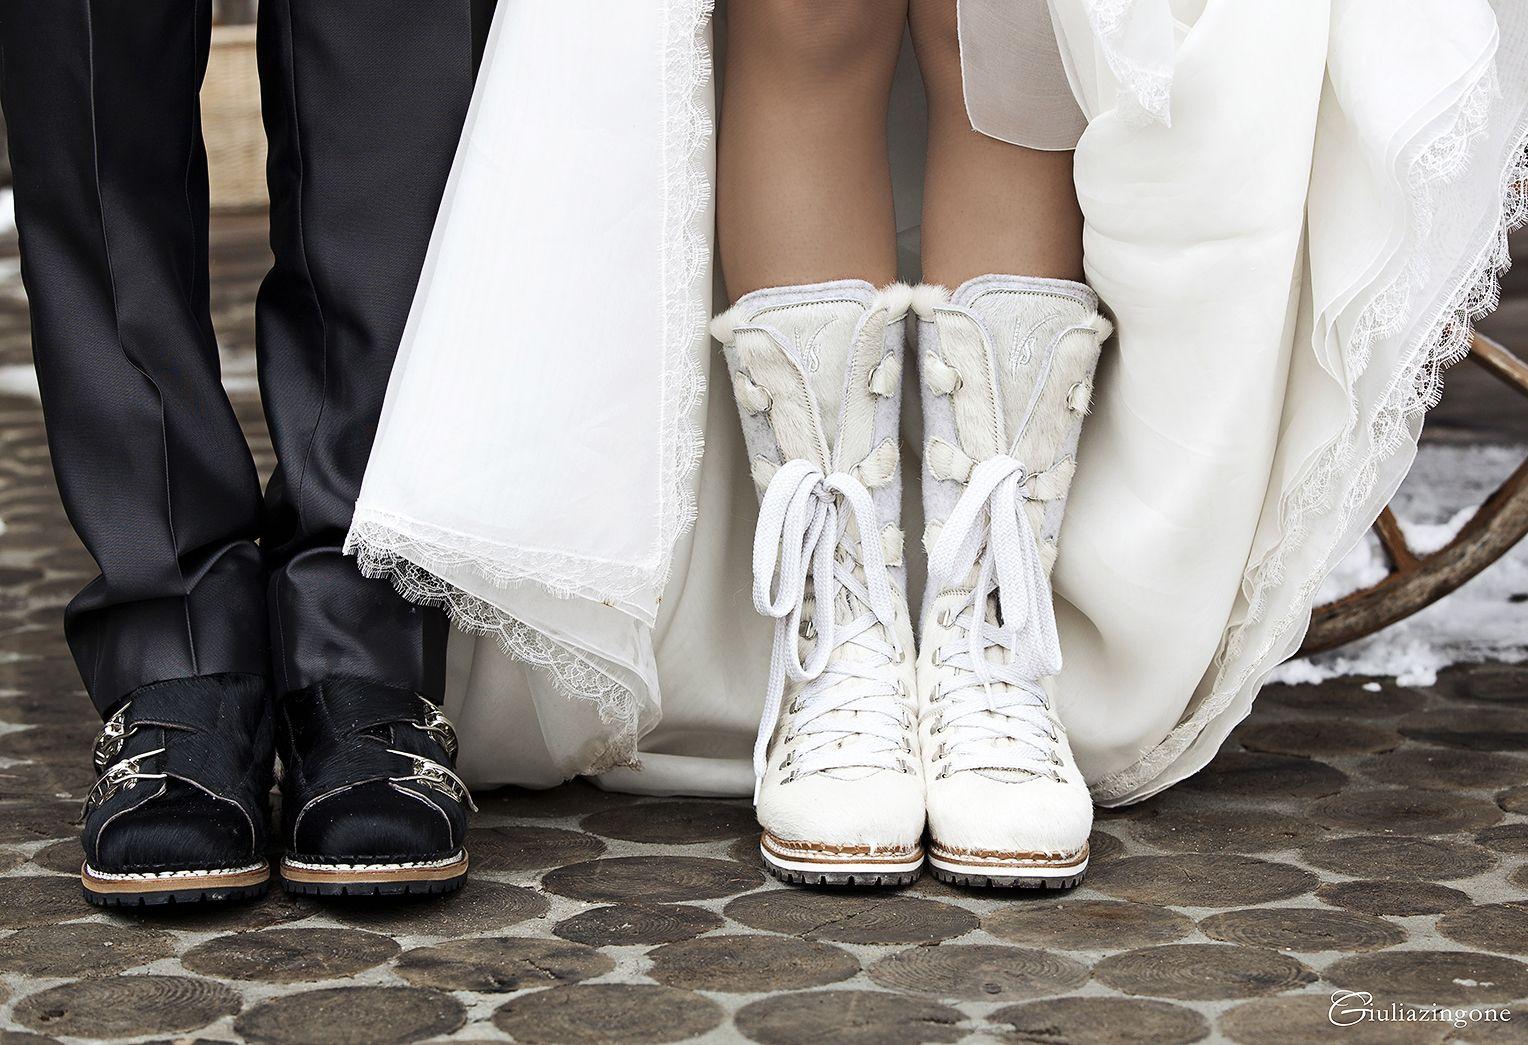 Scarpe Sposa Udine.Stivaletti Cavallino Scarpe Sposa Invernali Bridal Boots For A